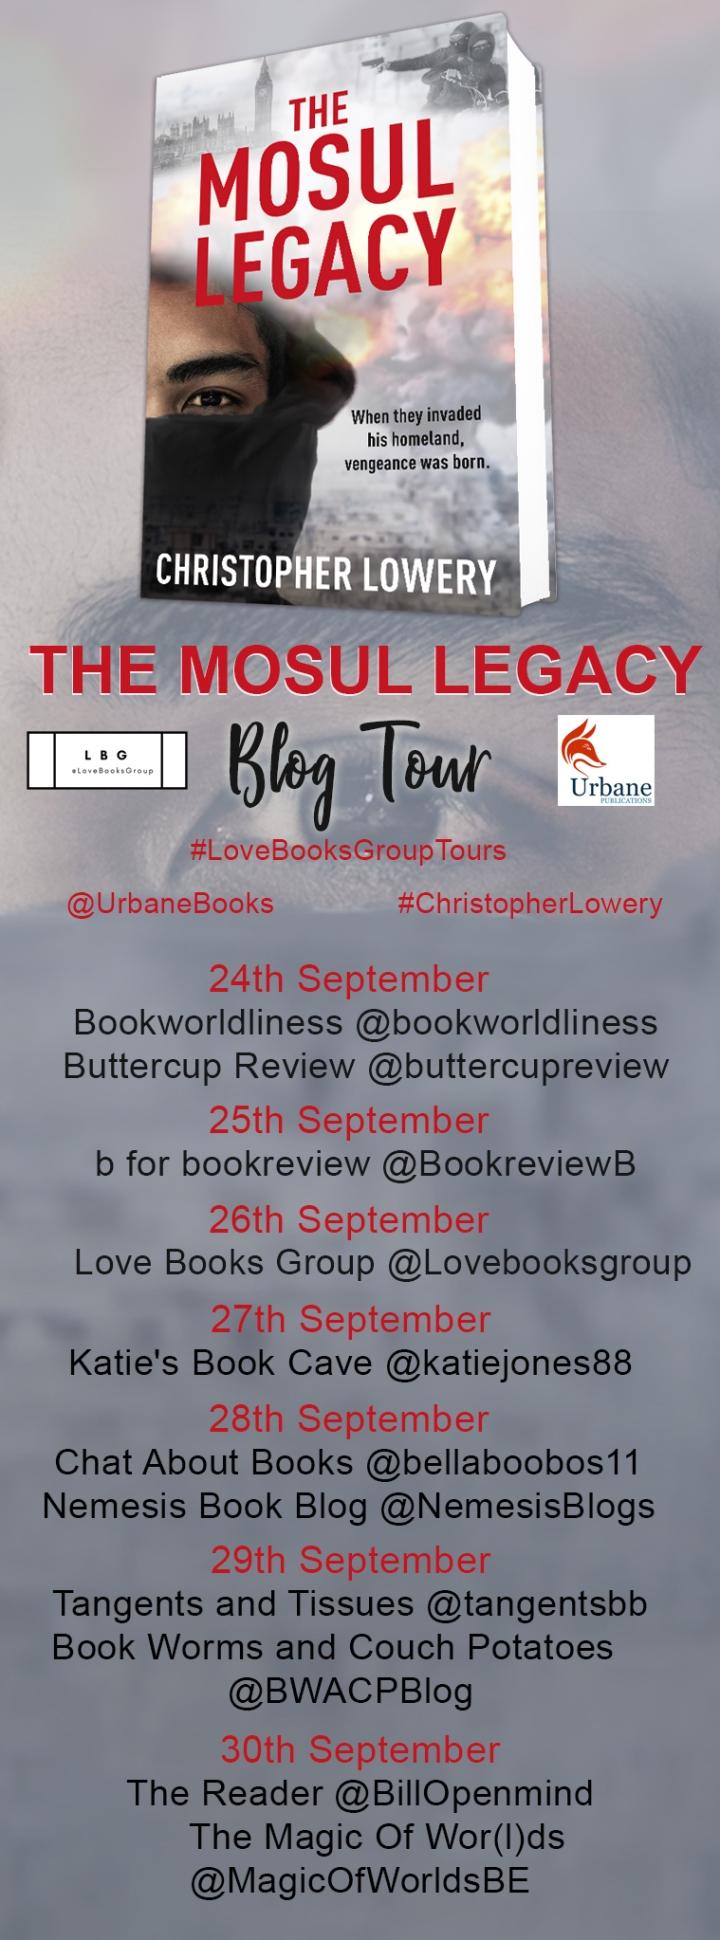 mosul-legacy